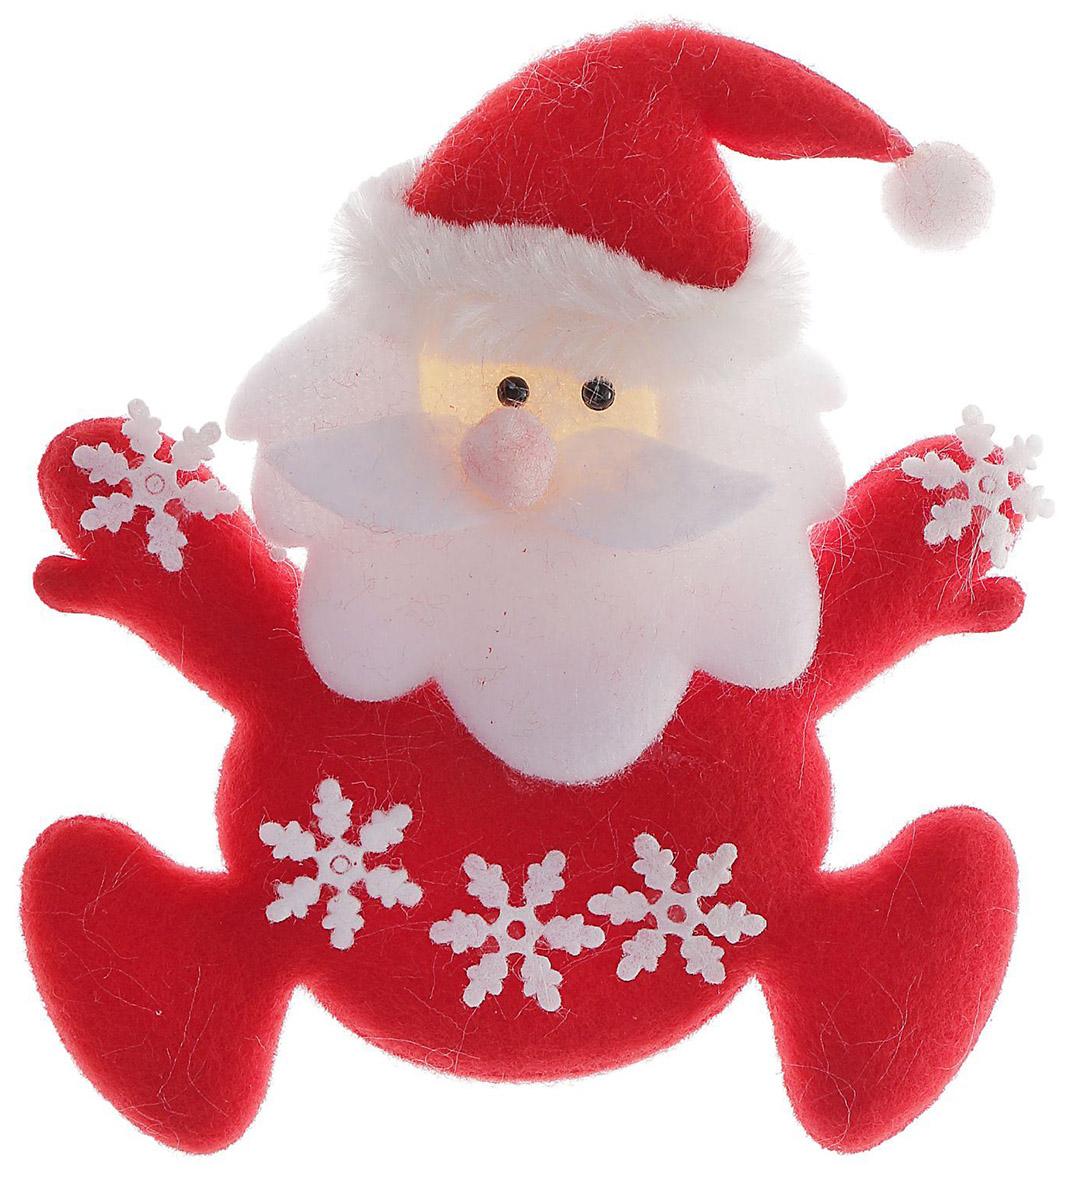 Украшение новогоднее елочное Sima-land Магнит. Дед мороз, снежинка, 10 см718504Невозможно представить нашу жизнь без праздников! Мы всегда ждём их и предвкушаем, обдумываем, как проведём памятный день, тщательно выбираем подарки и аксессуары, ведь именно они создают и поддерживают торжественный настрой.